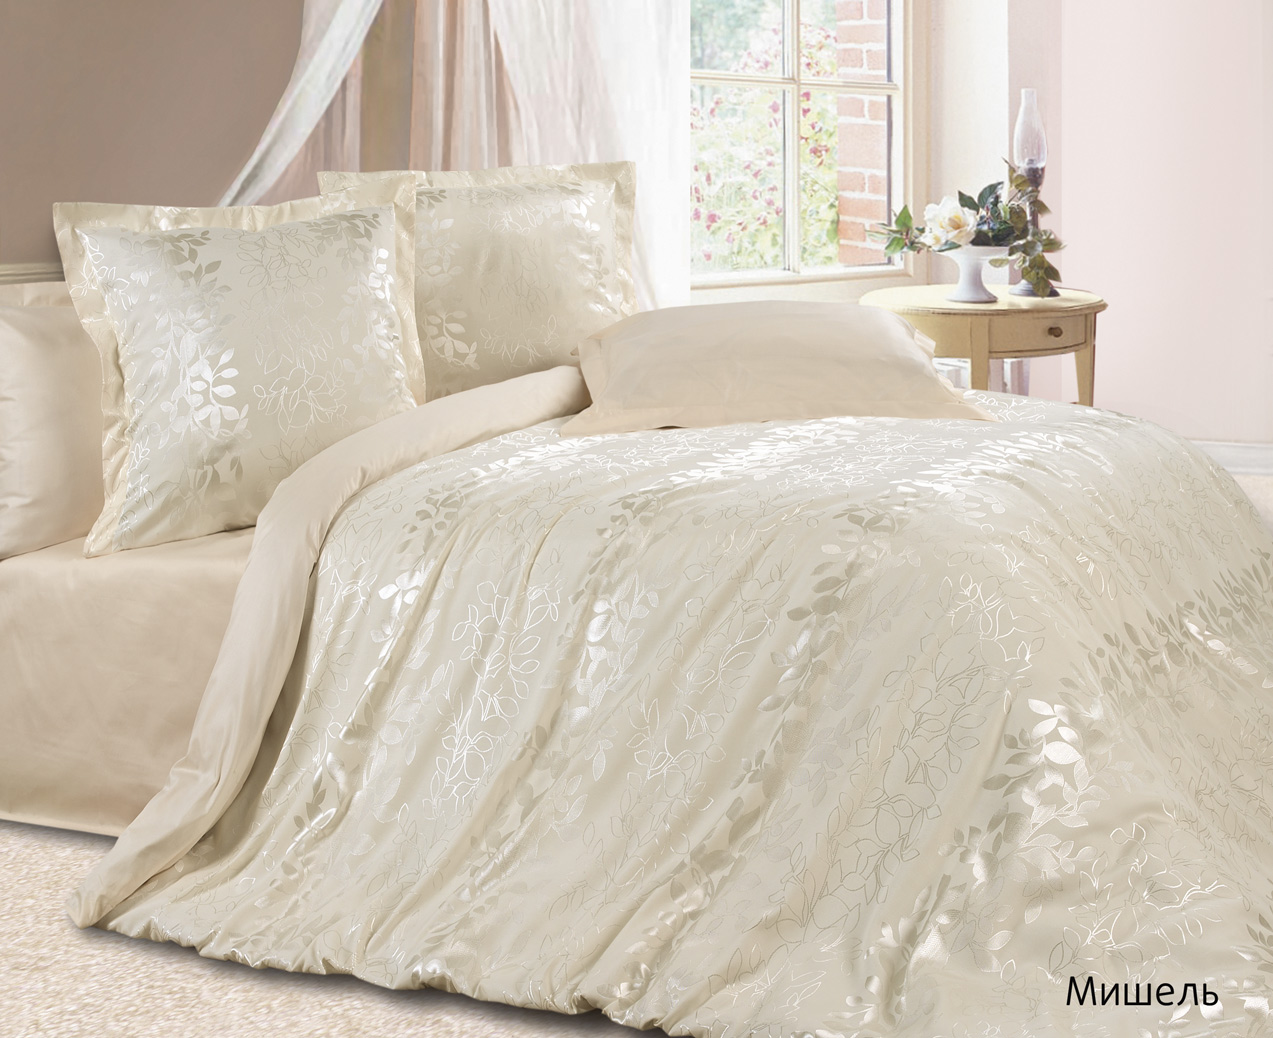 Каталог постельного белья в икеа москва